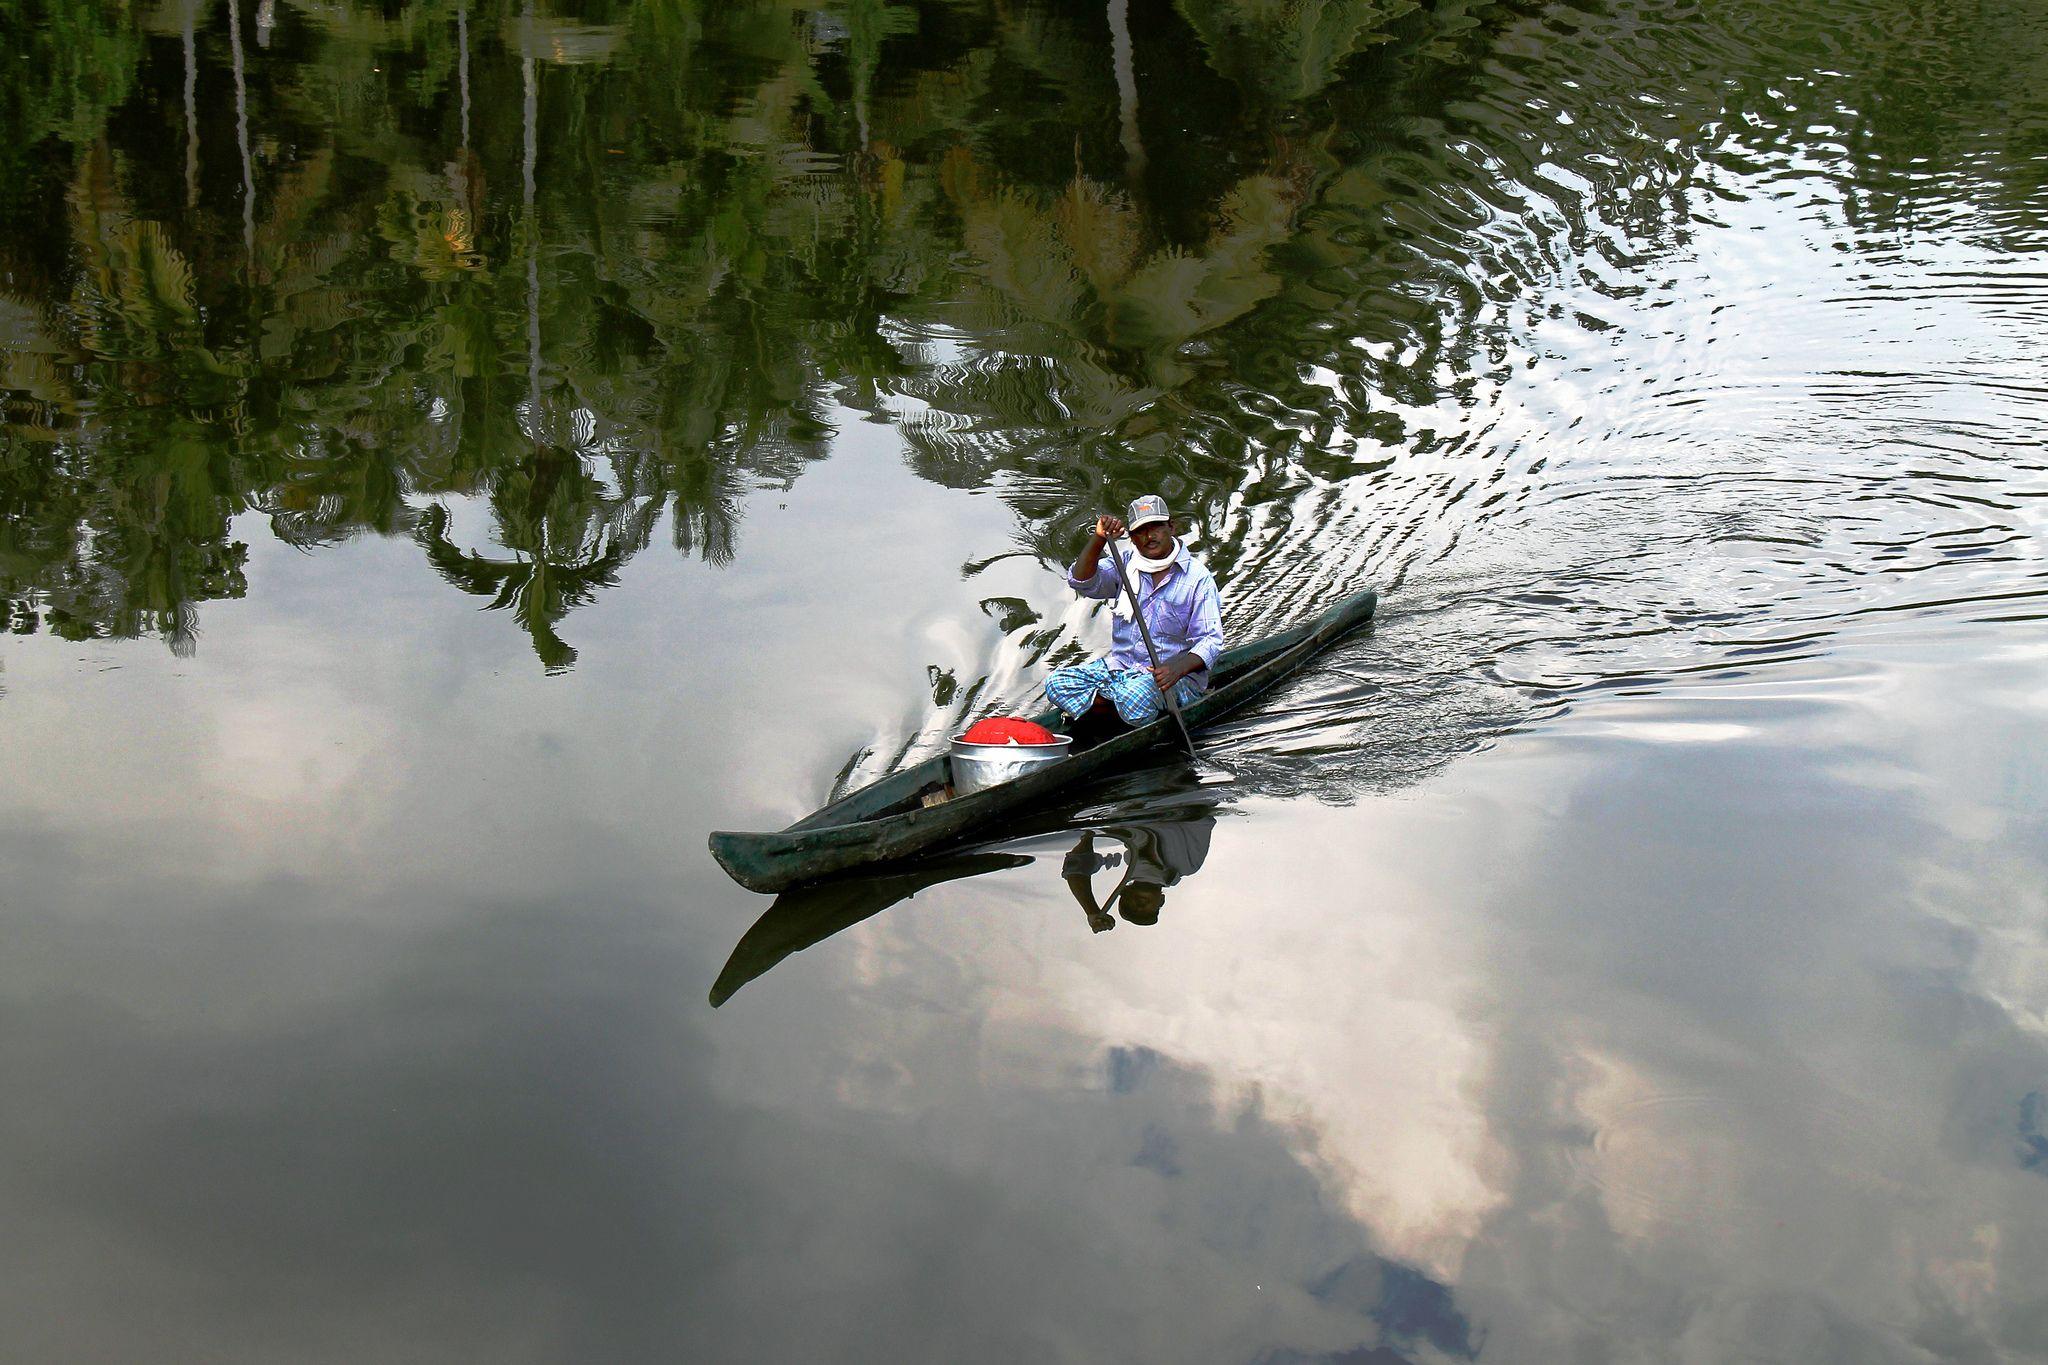 https://flic.kr/p/dYRpWL | Man,boat and reflections.... | boat trip at Vembanad lake, Kerala, India